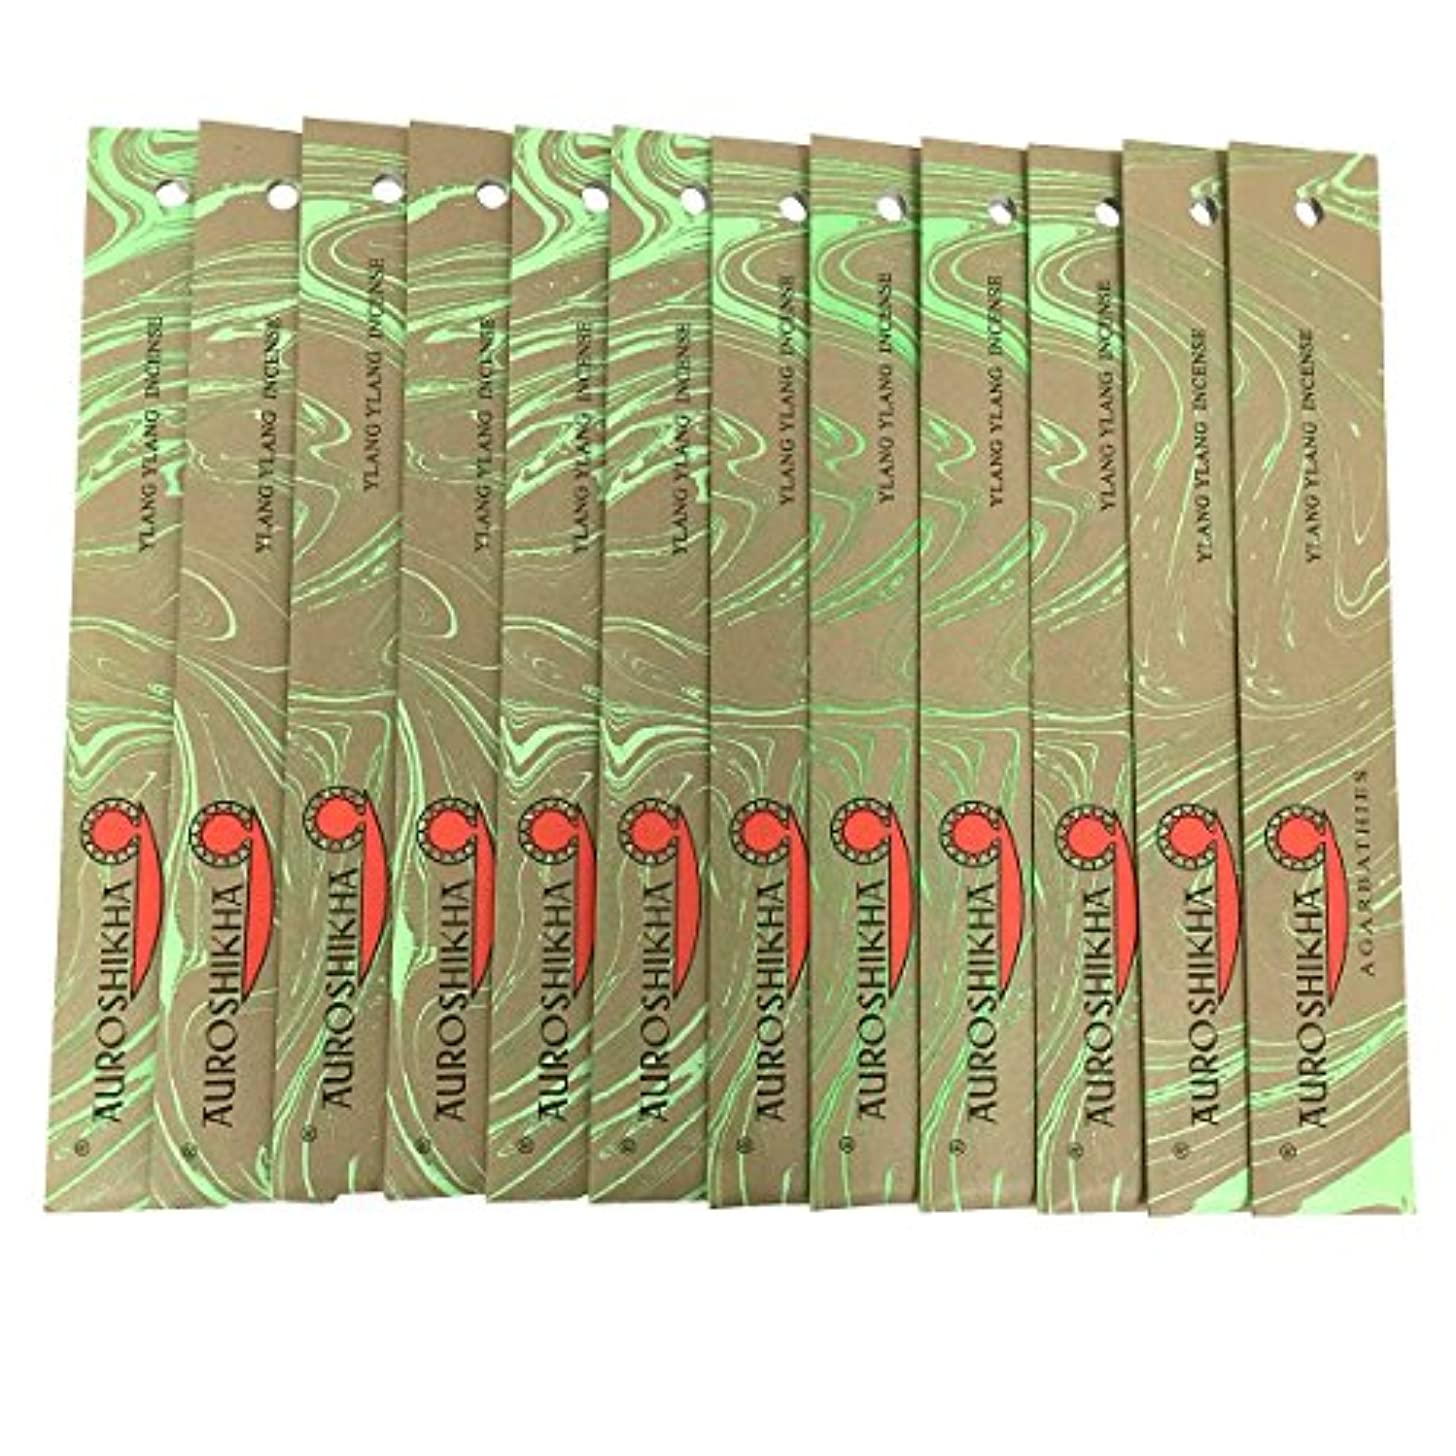 機械いちゃつくコメントAUROSHIKHA オウロシカ(YLANG YLANGイランイラン12個セット) マーブルパッケージスティック 送料無料